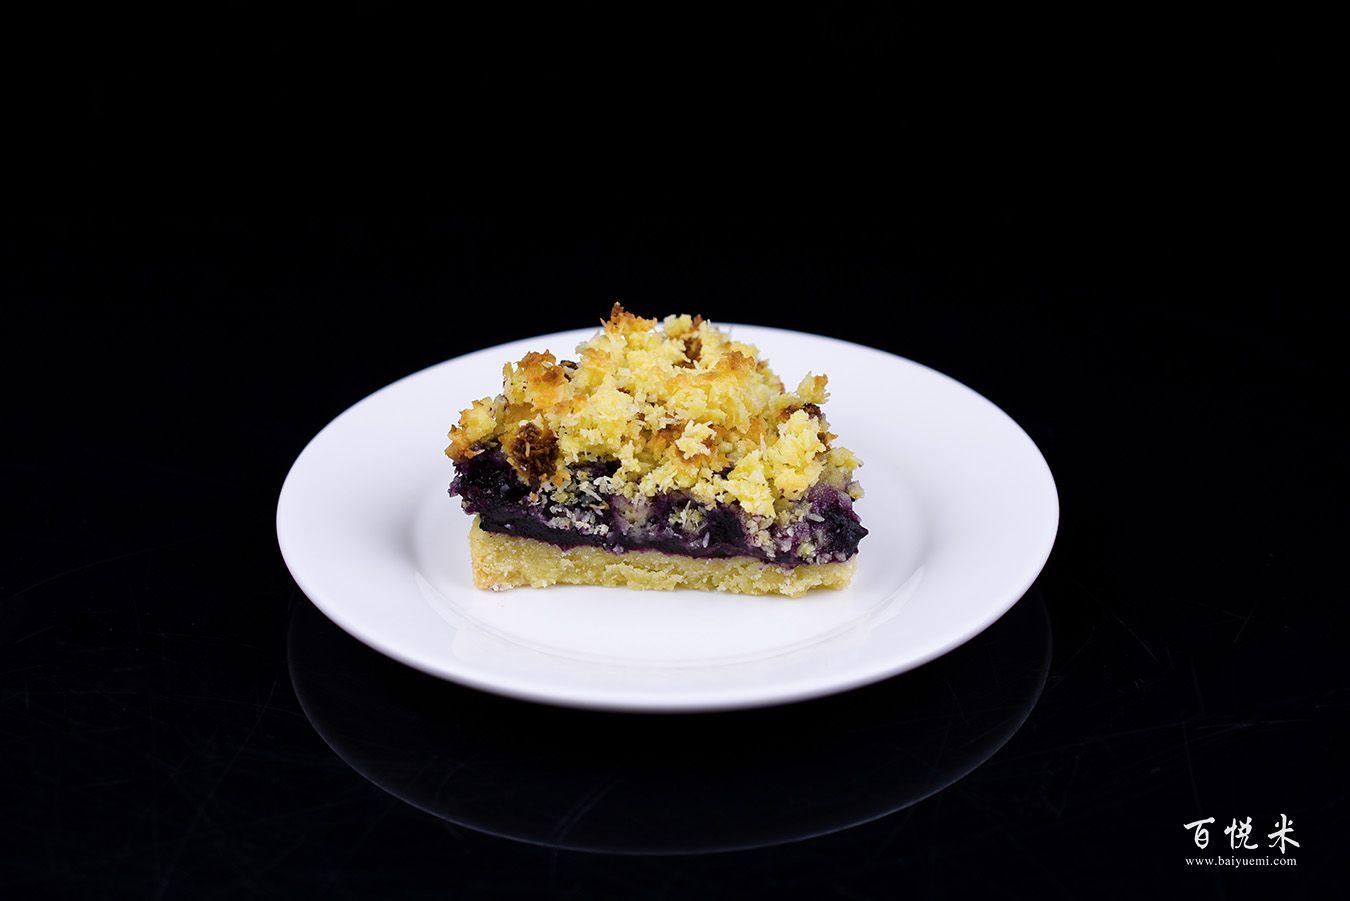 蓝莓酥粒小方块高清图片大全【蛋糕图片】_1205